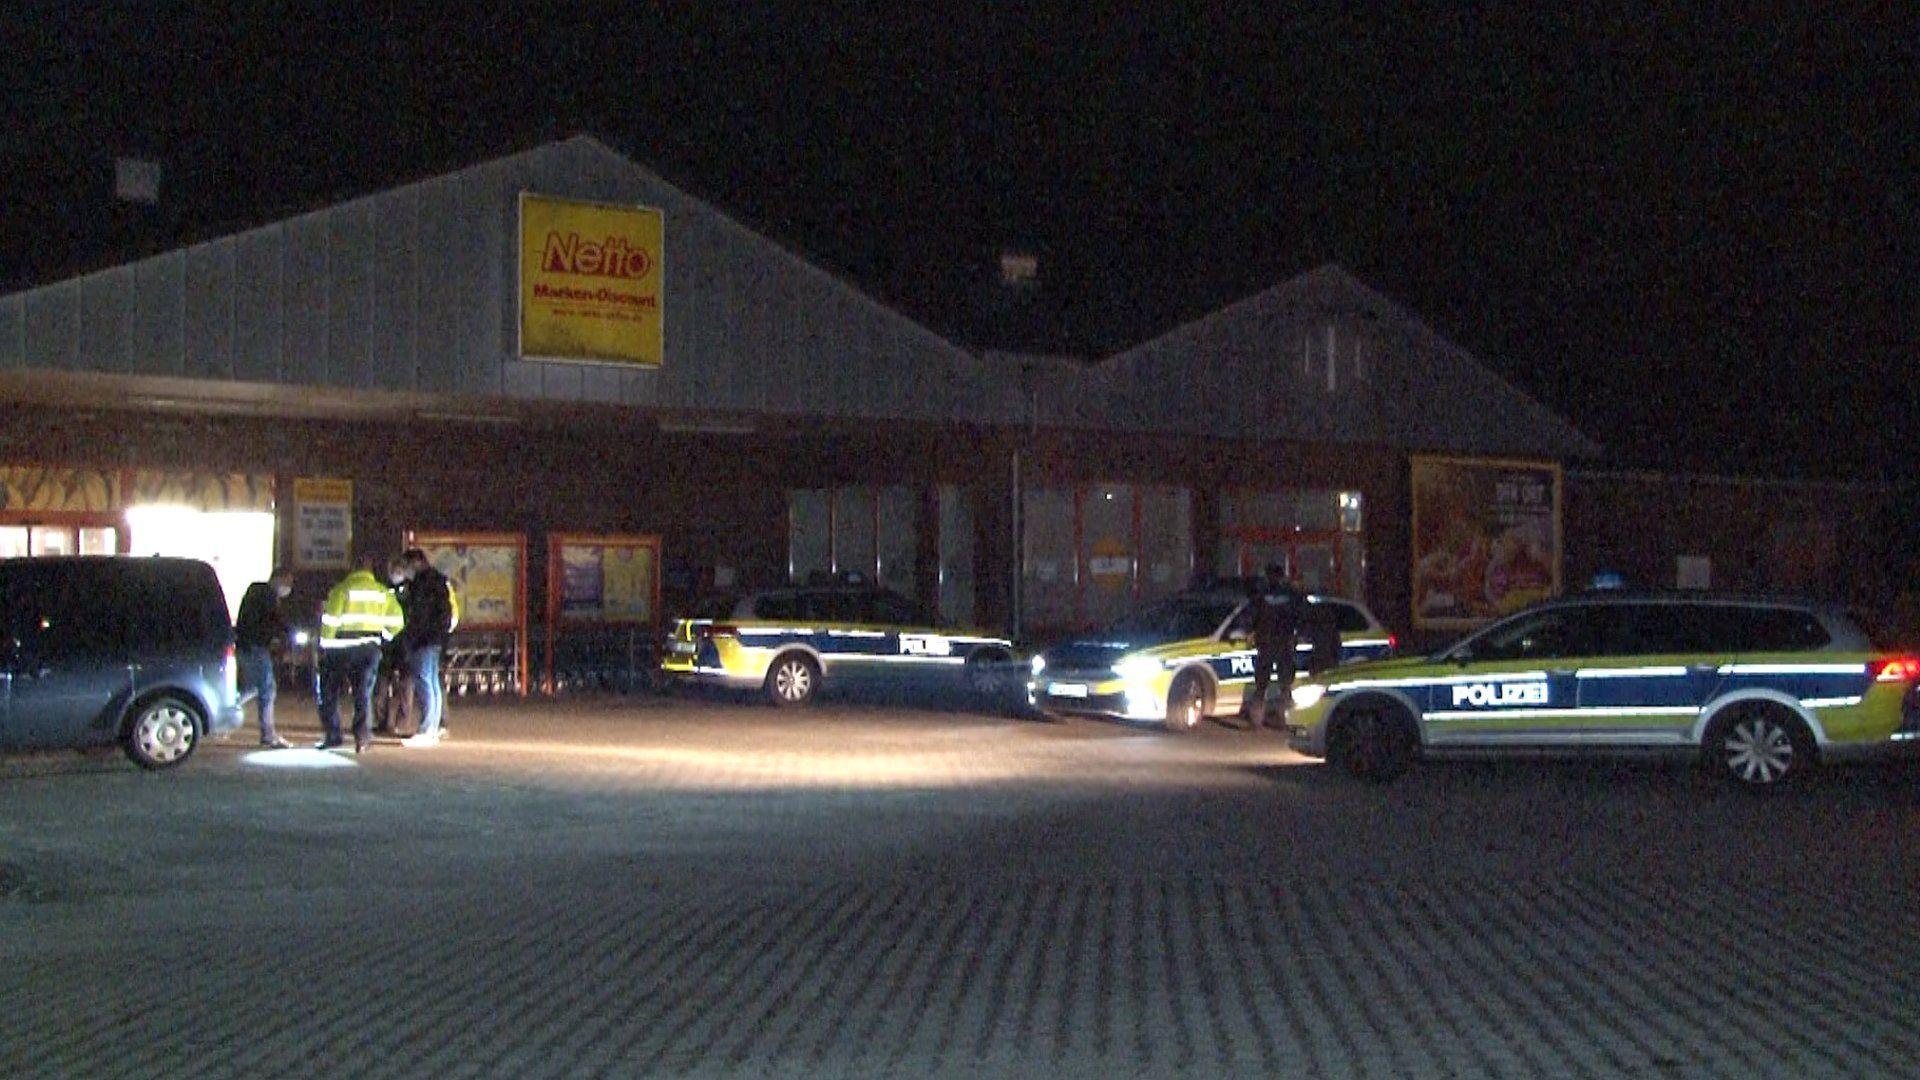 Polizeieinsatz in Werlte: Hier ist Anfang März ein Netto-Markt überfallen worden. Archivfoto: Nordwestmedia-TV